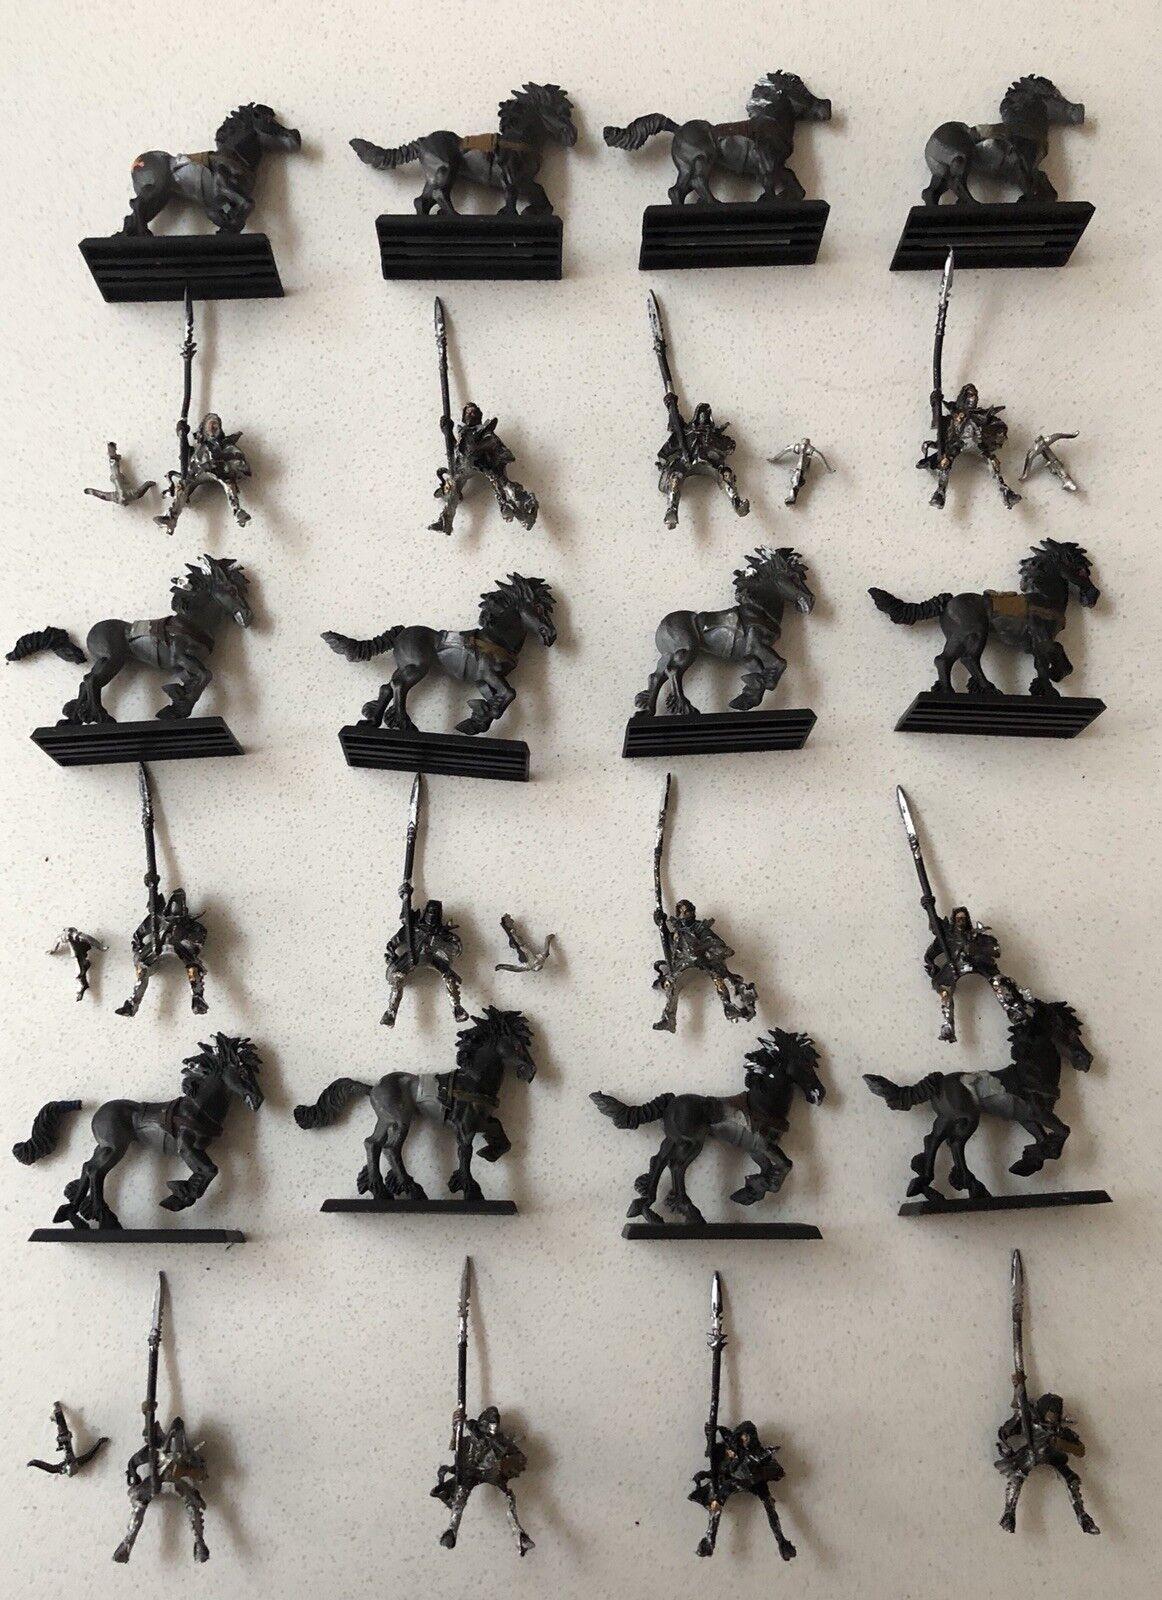 12 x Elfo Oscuro Dark Riders parte in metallo verniciato e plastica fuori catalogo GW 2000s